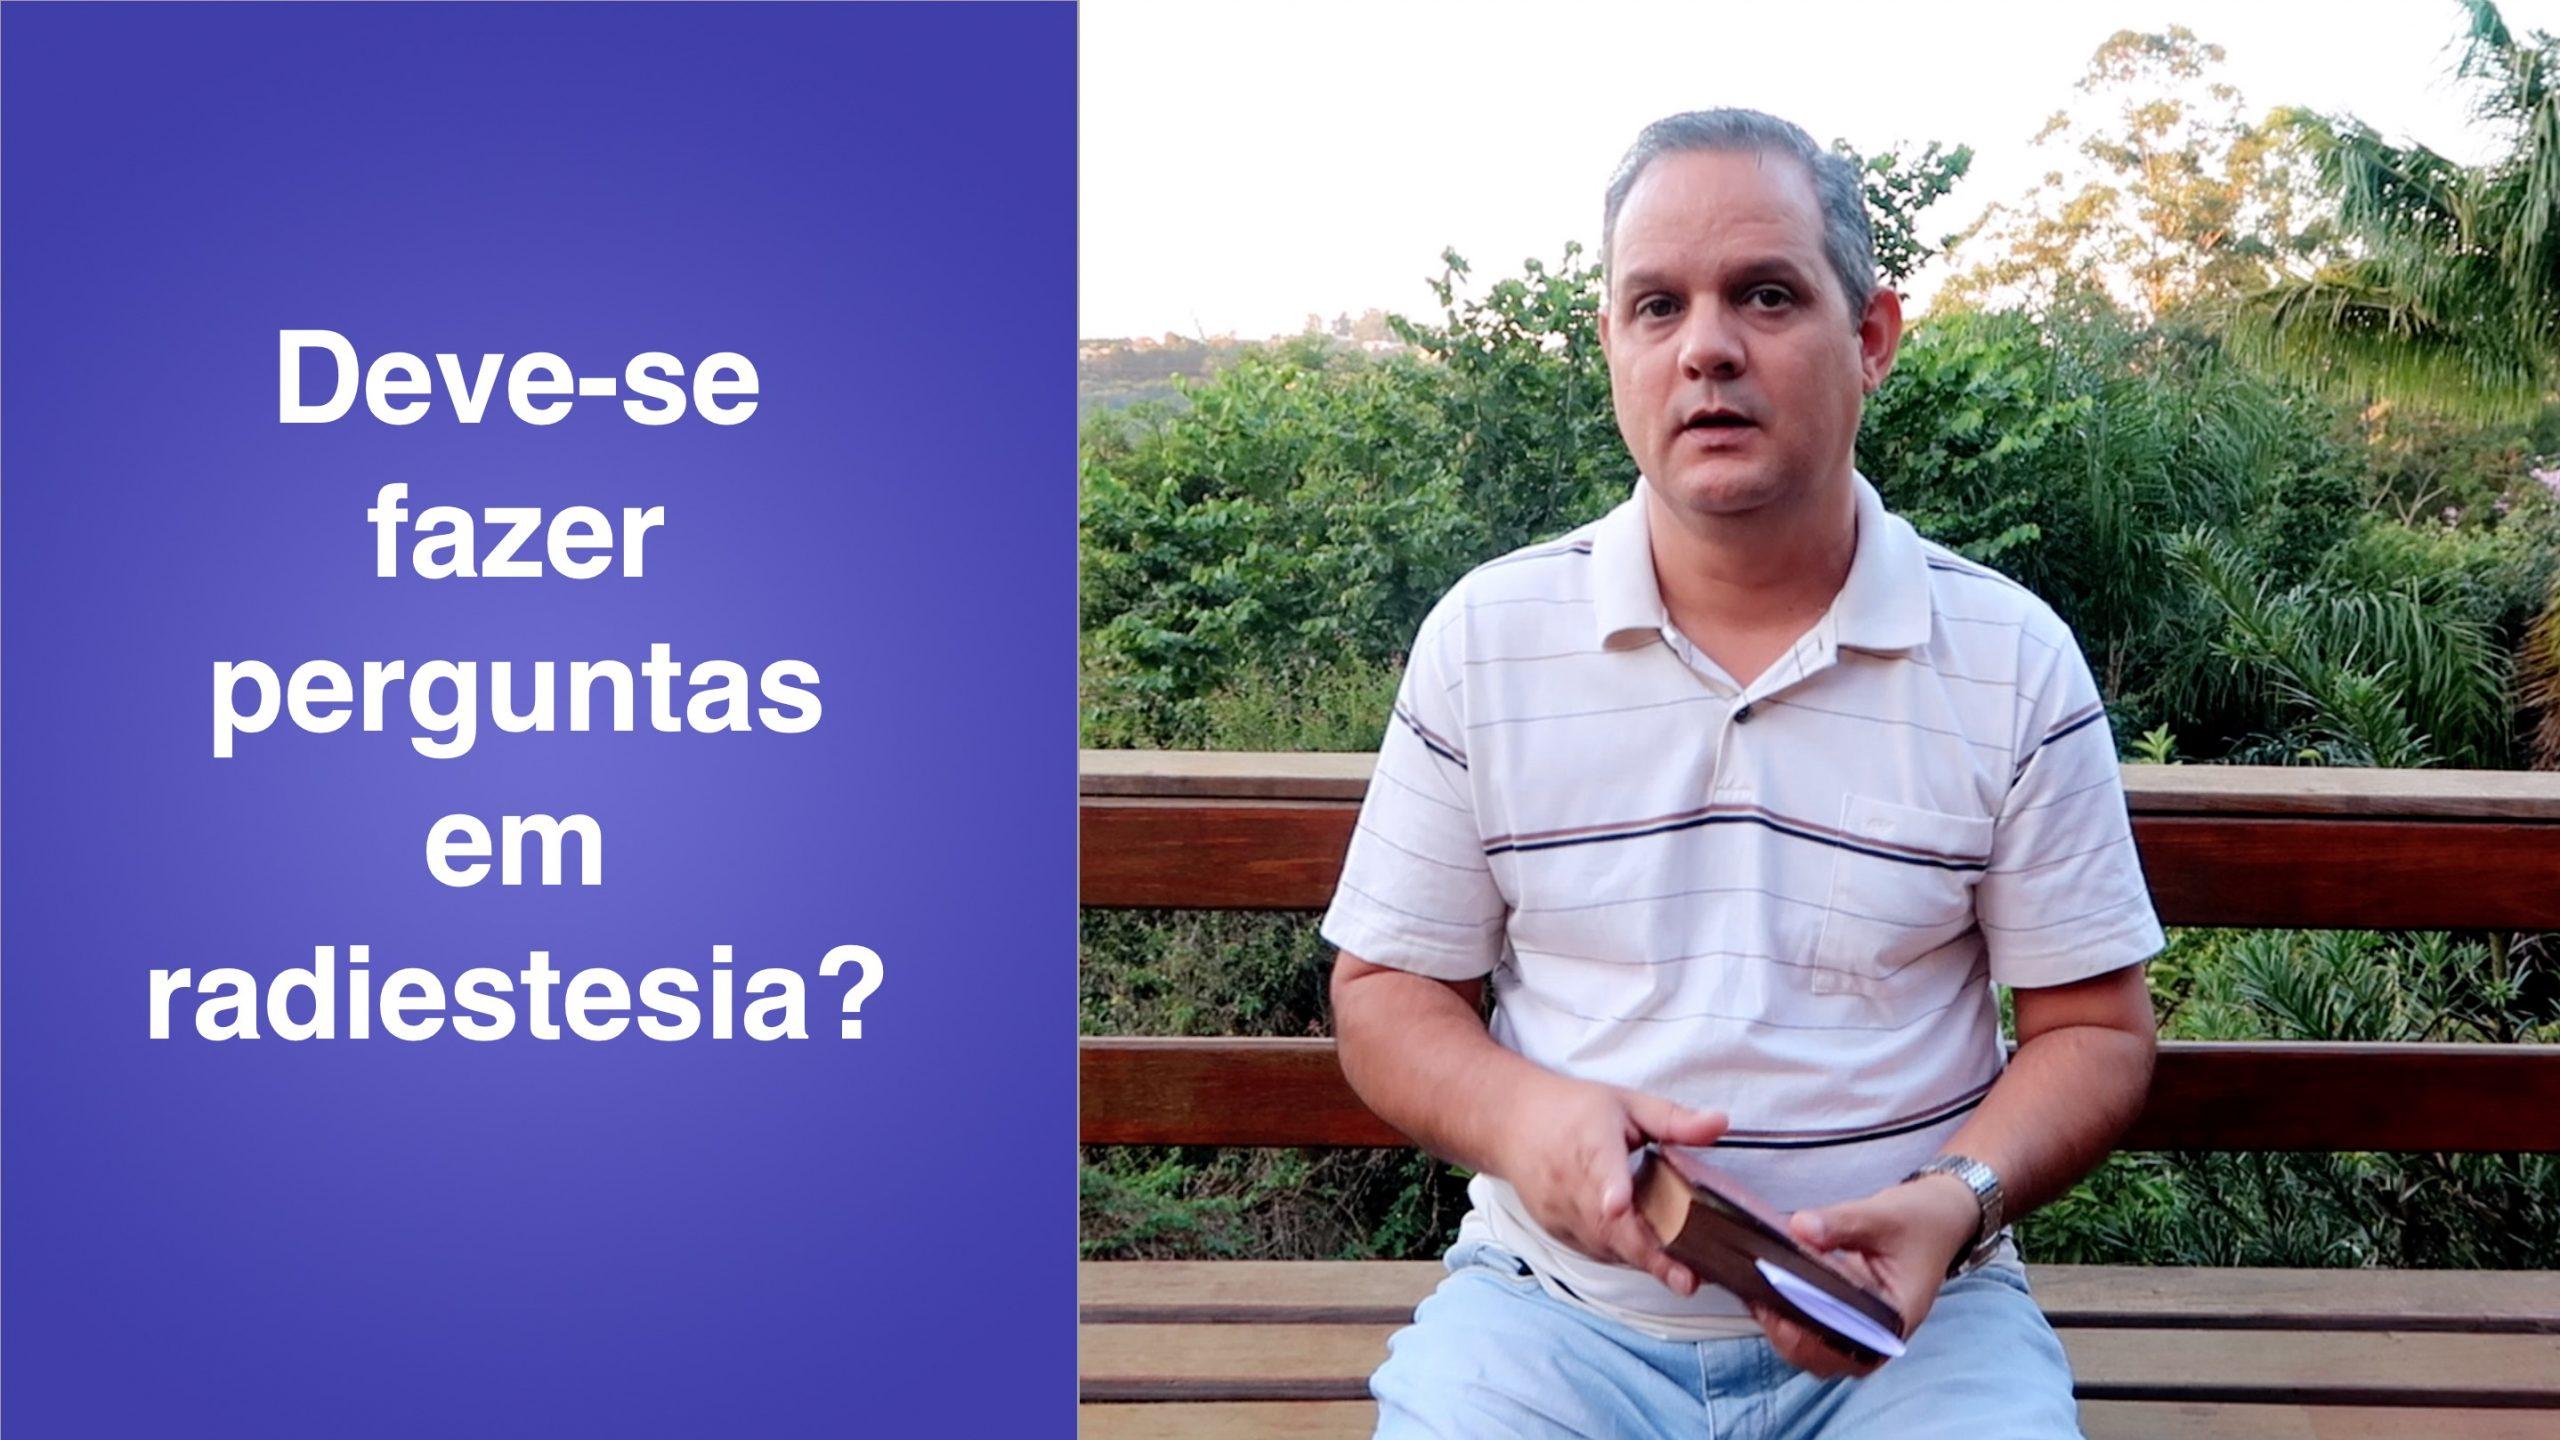 Deve-se fazer perguntas em radiestesia?